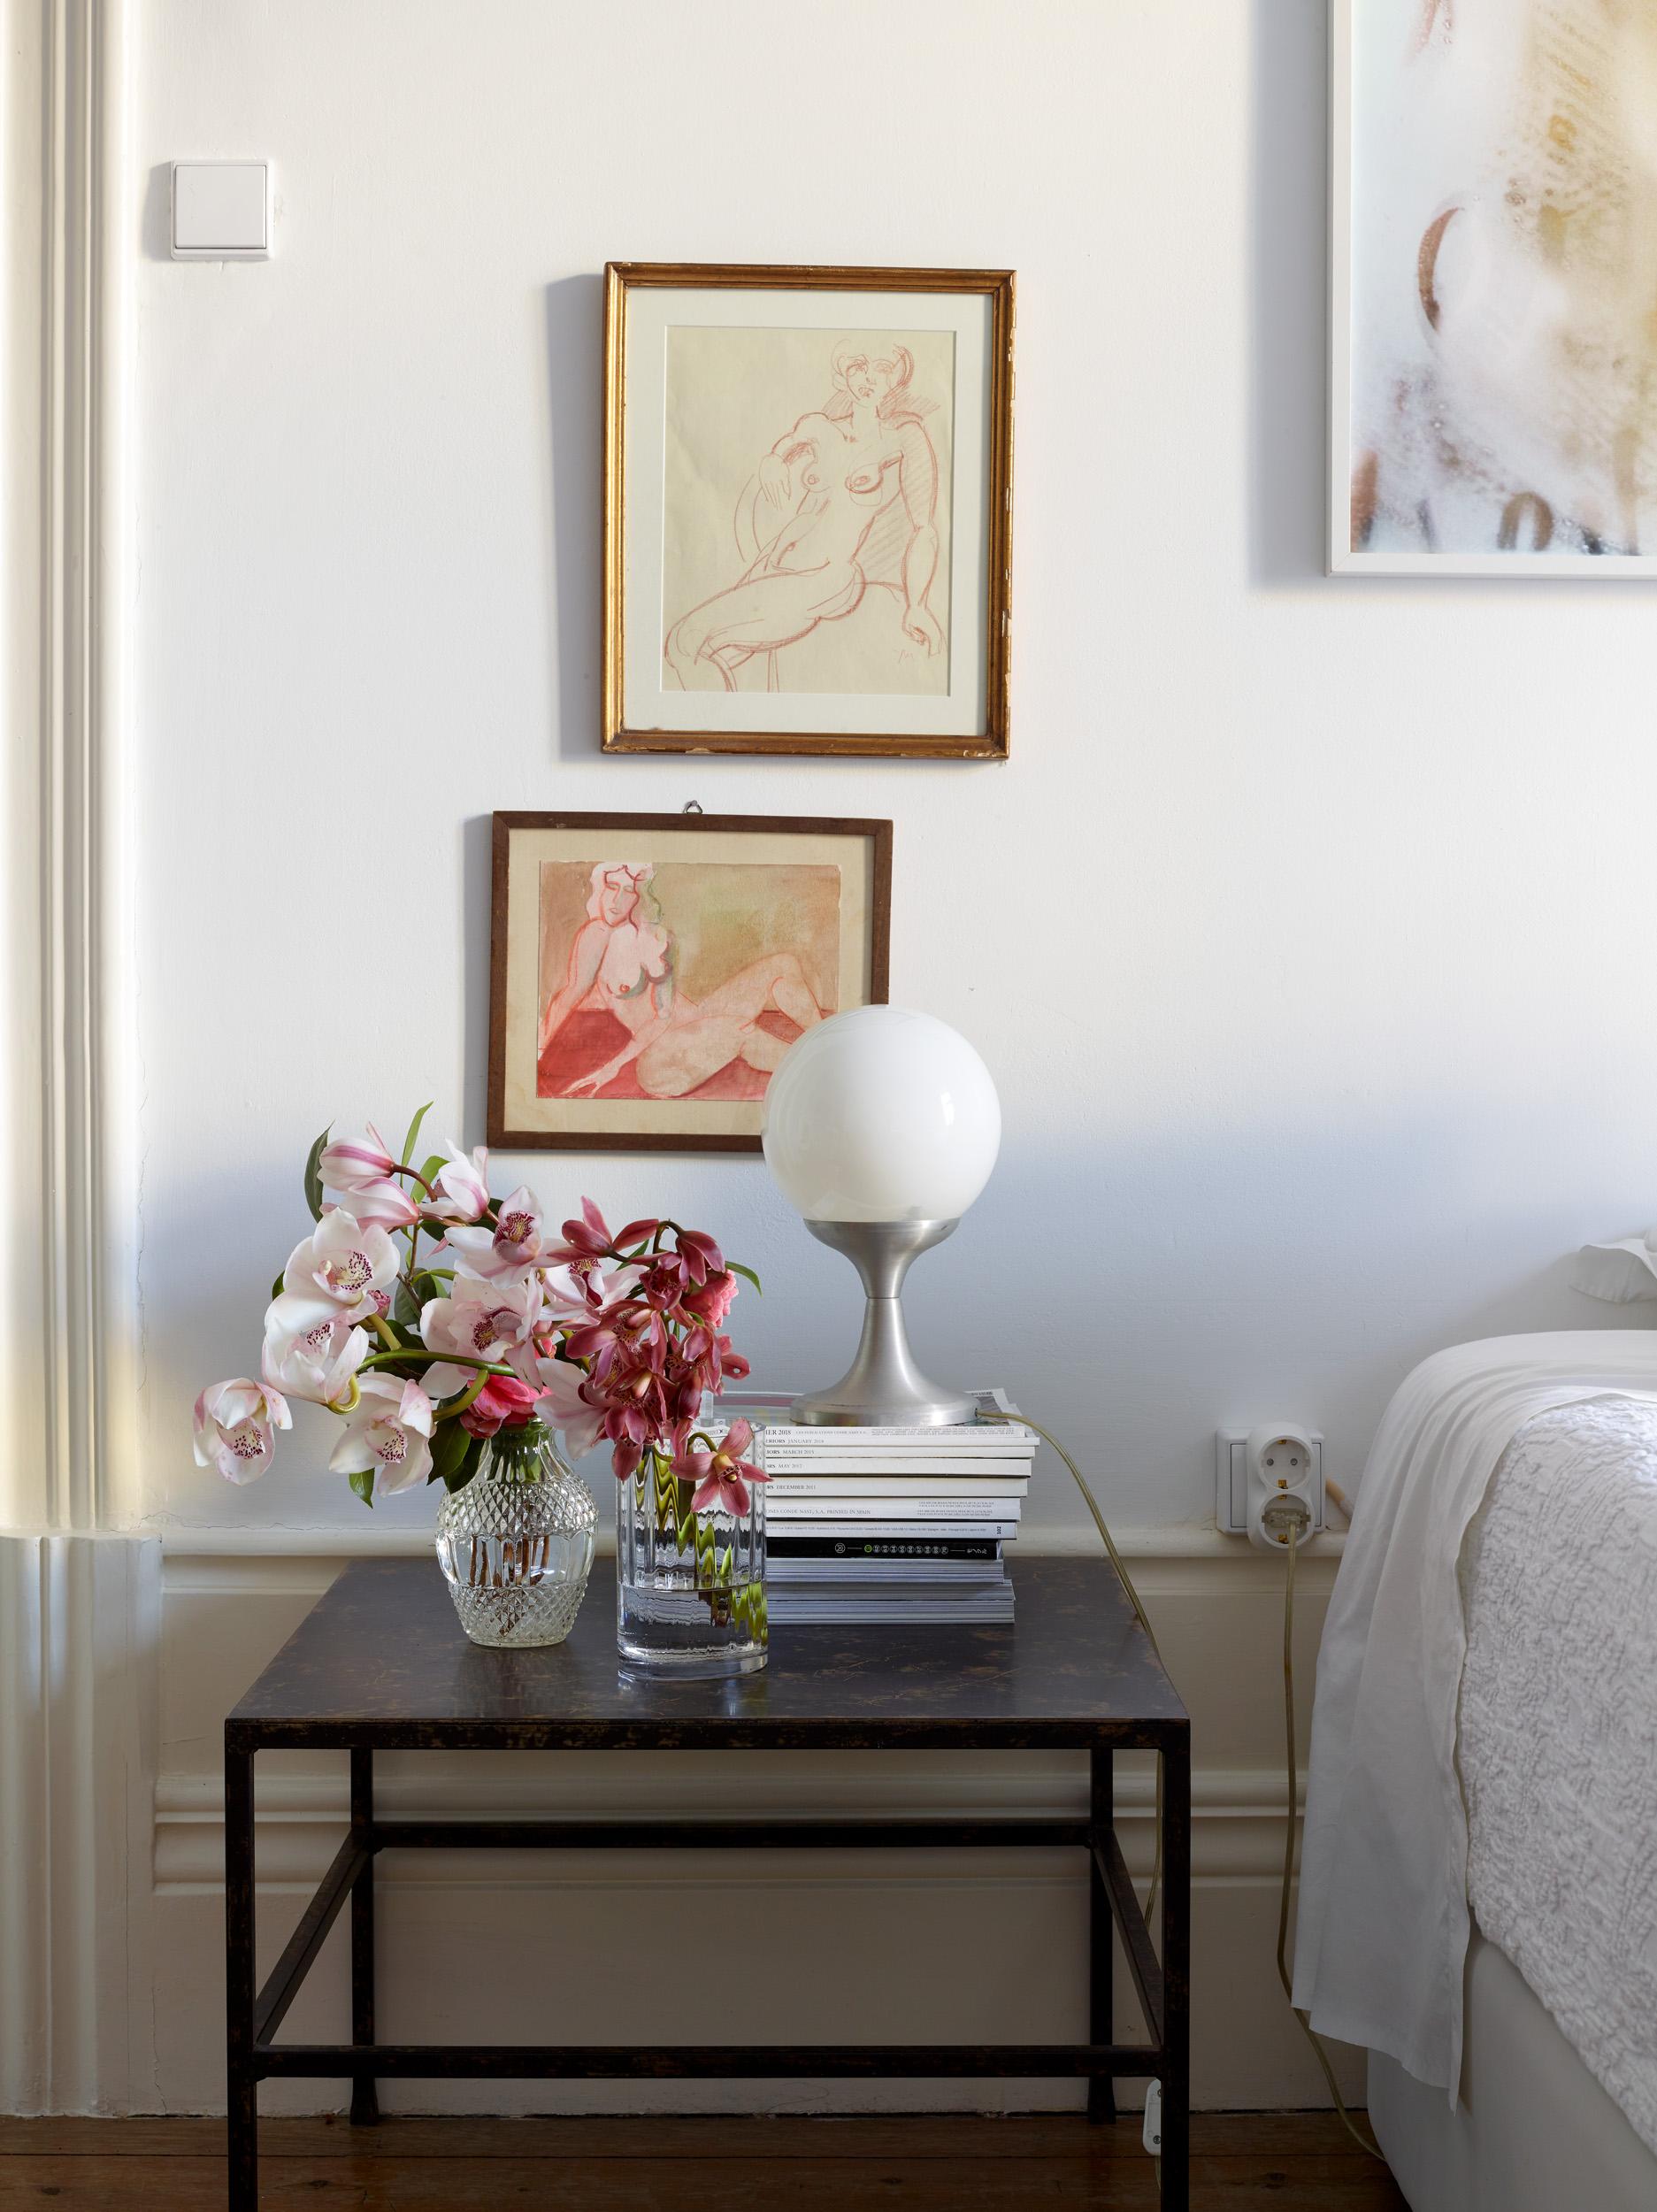 rachael-smith-interiors-14122019-041